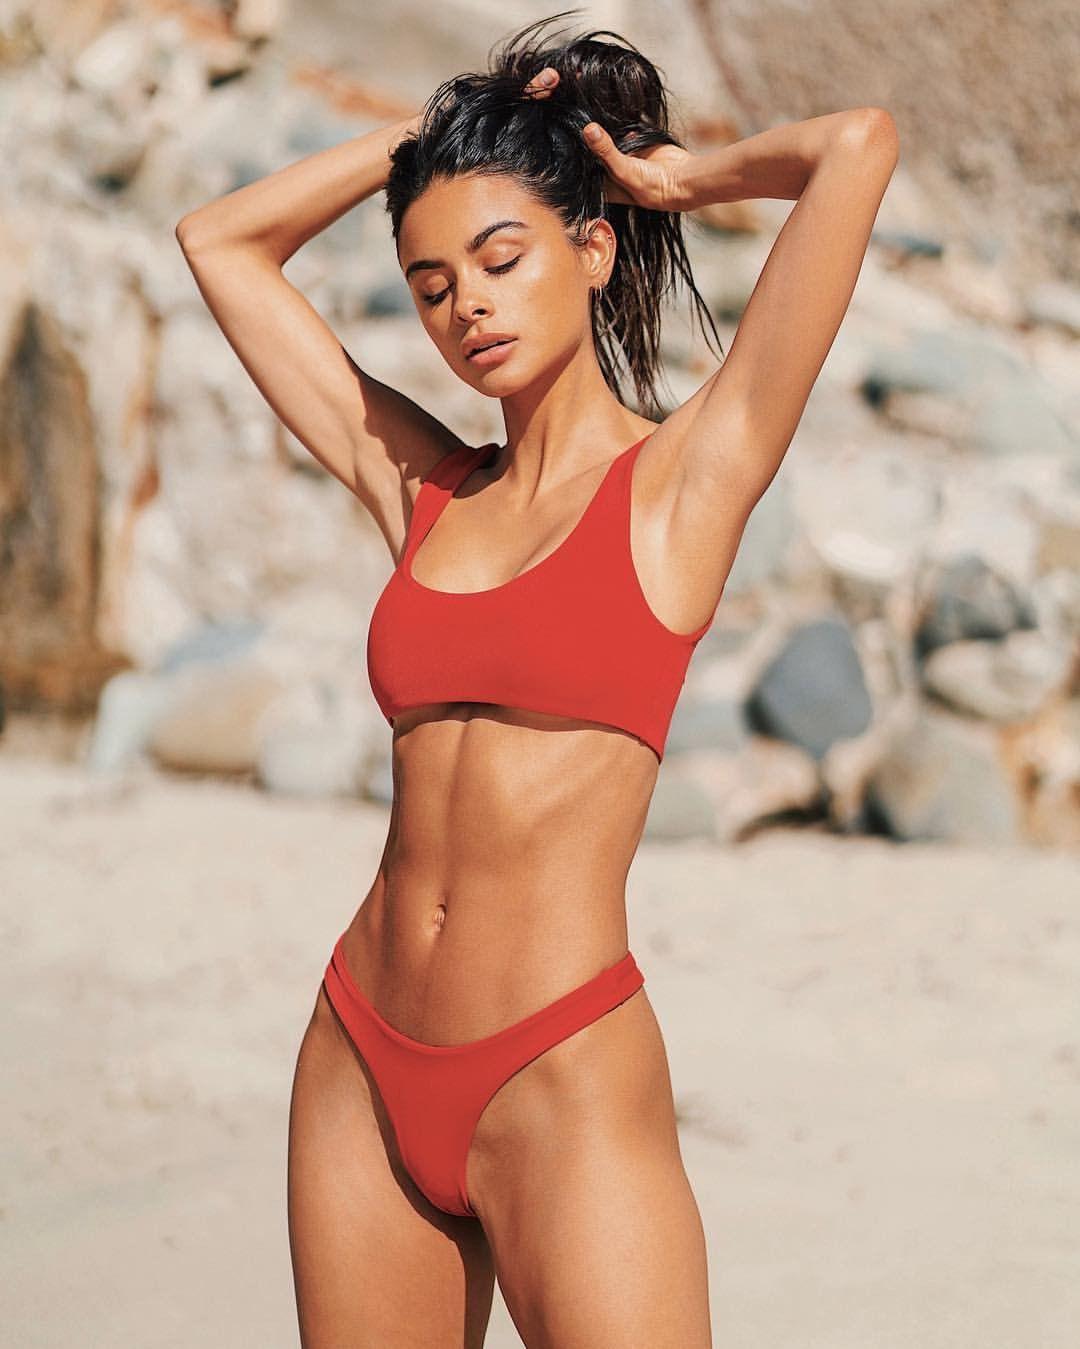 picture Paris hilton in micro bikini